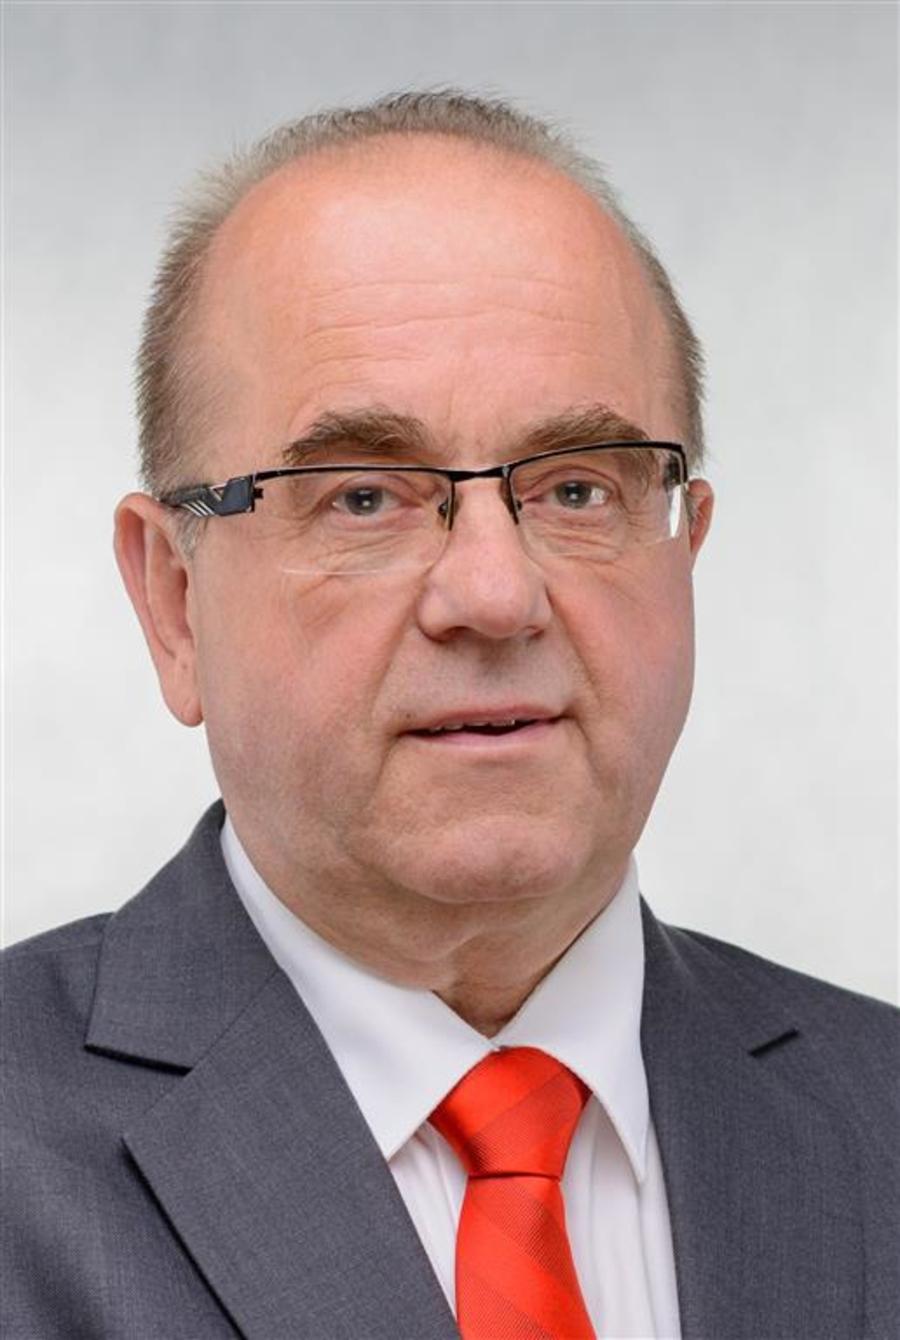 Stanisaw Klimekjpg